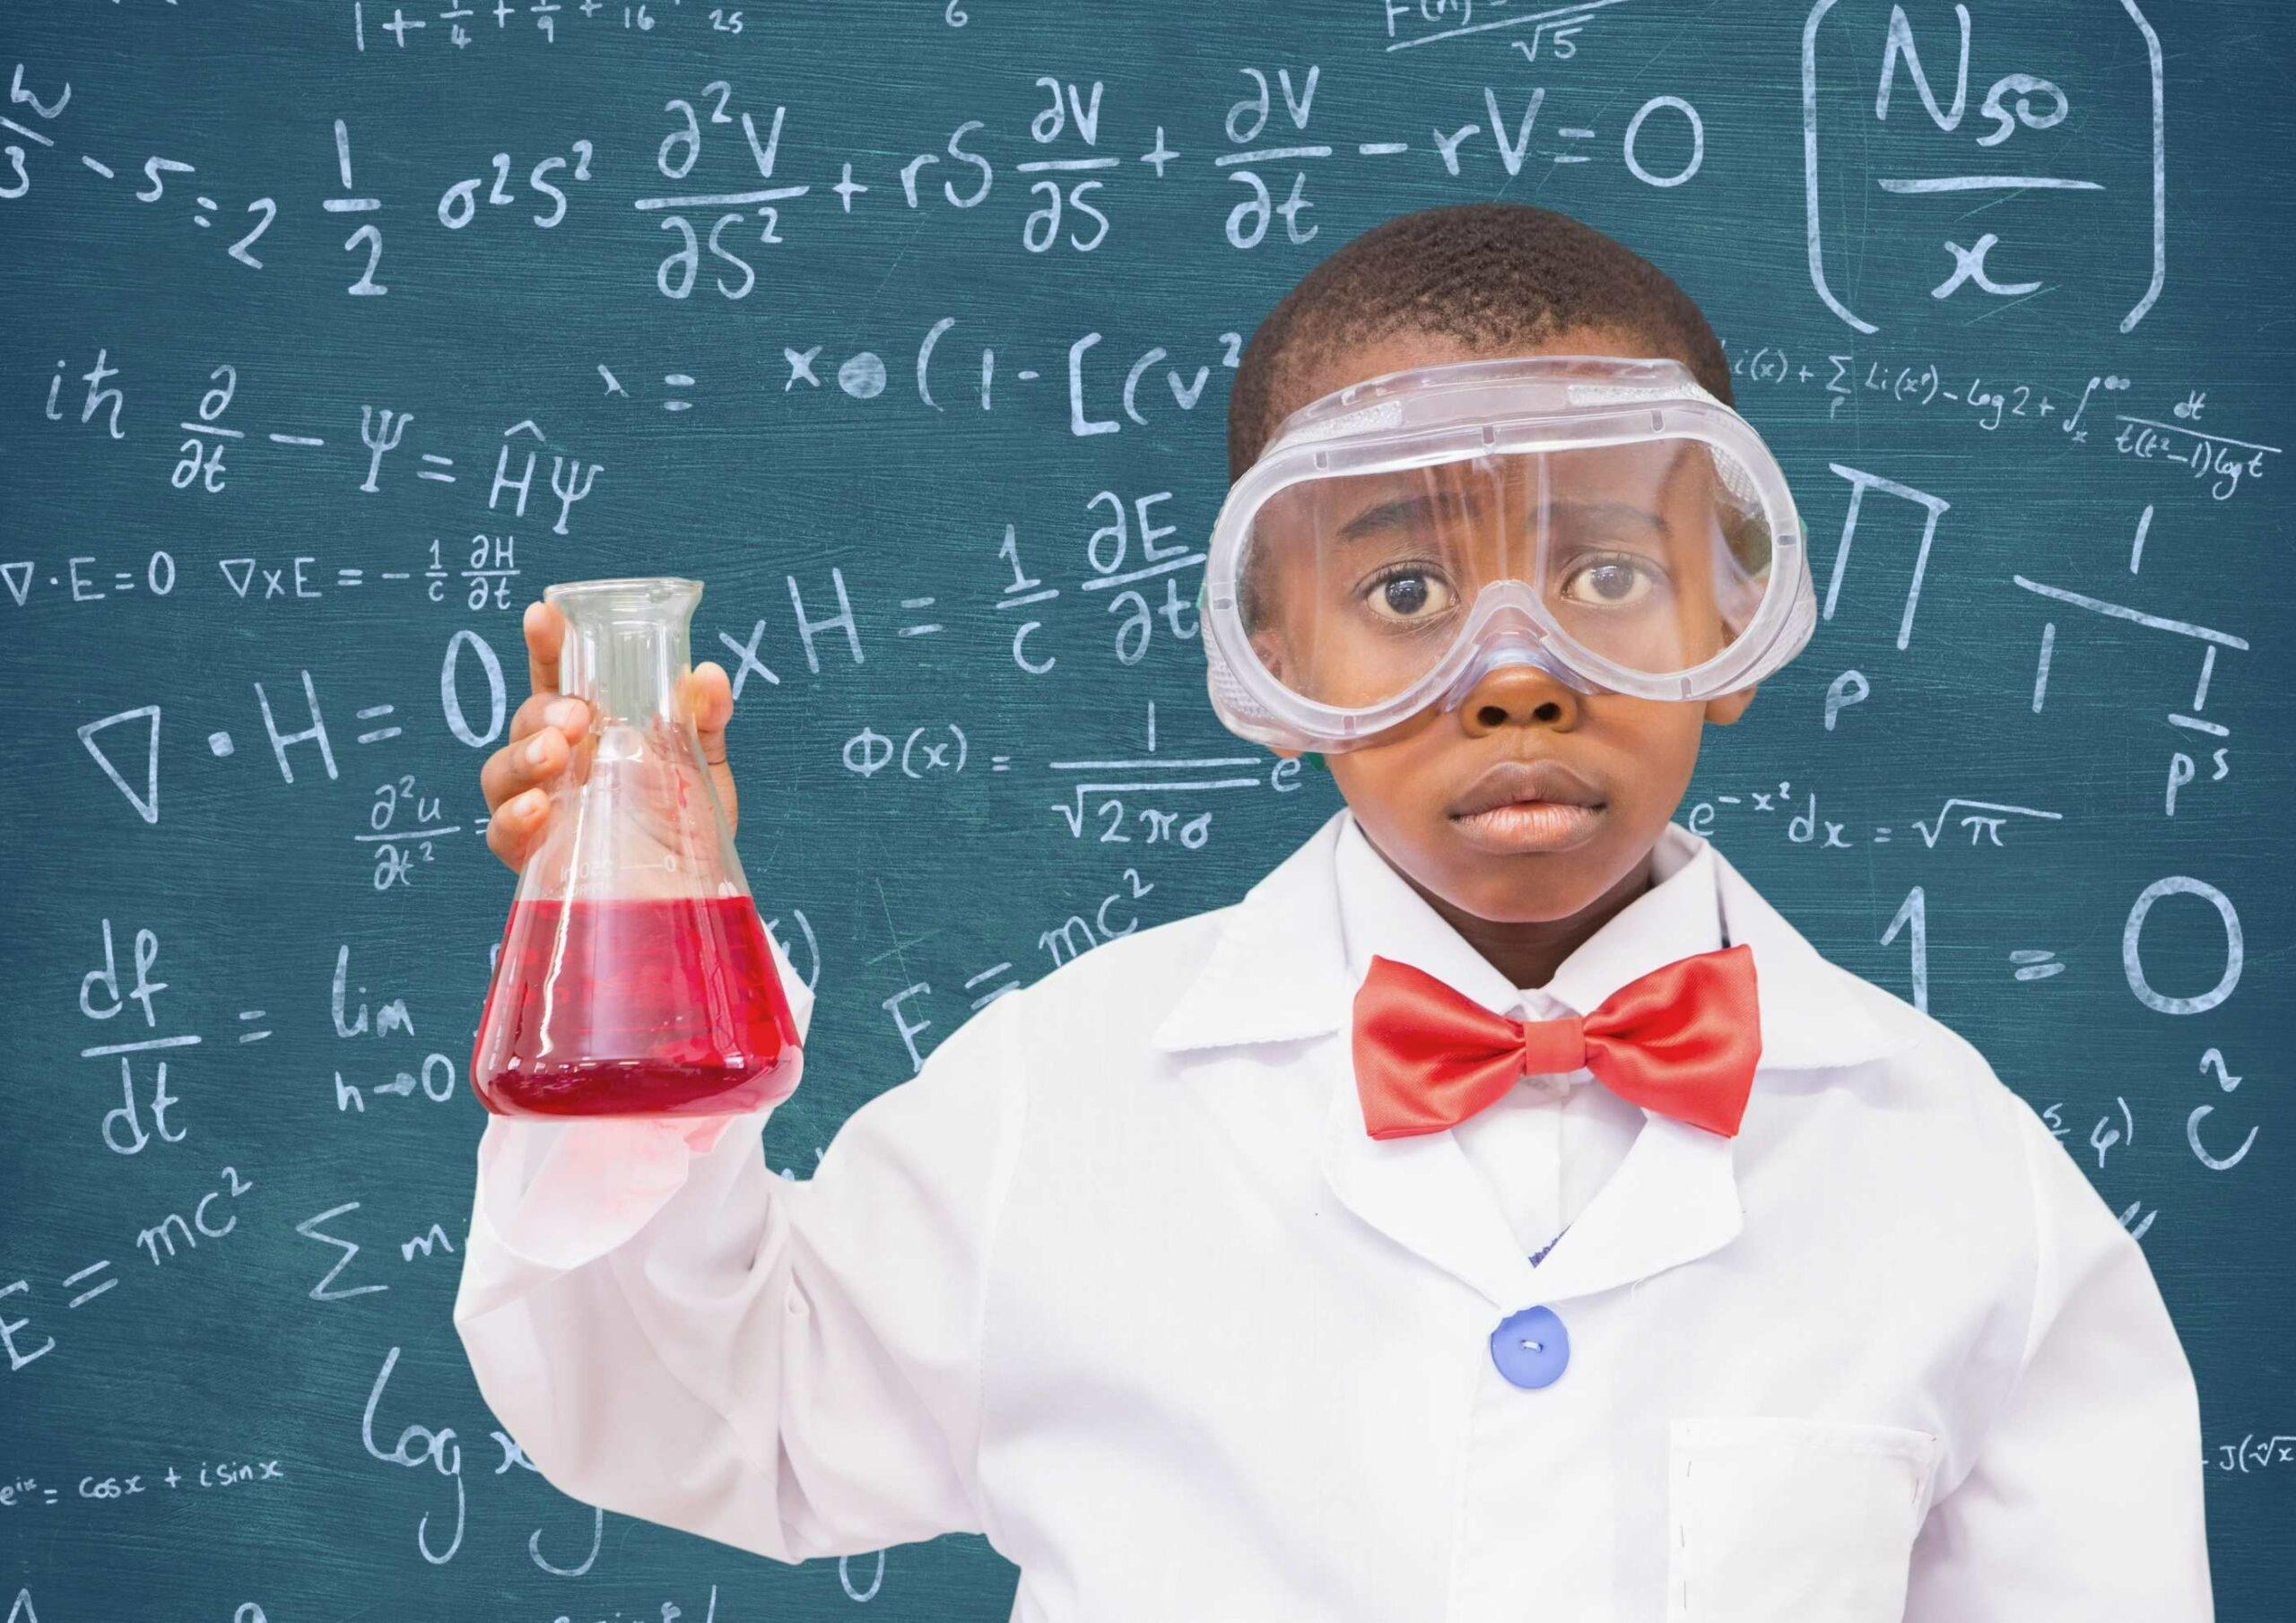 un jeune garçon en tenue de scientifique devant un tableau avec des formules mathématiques